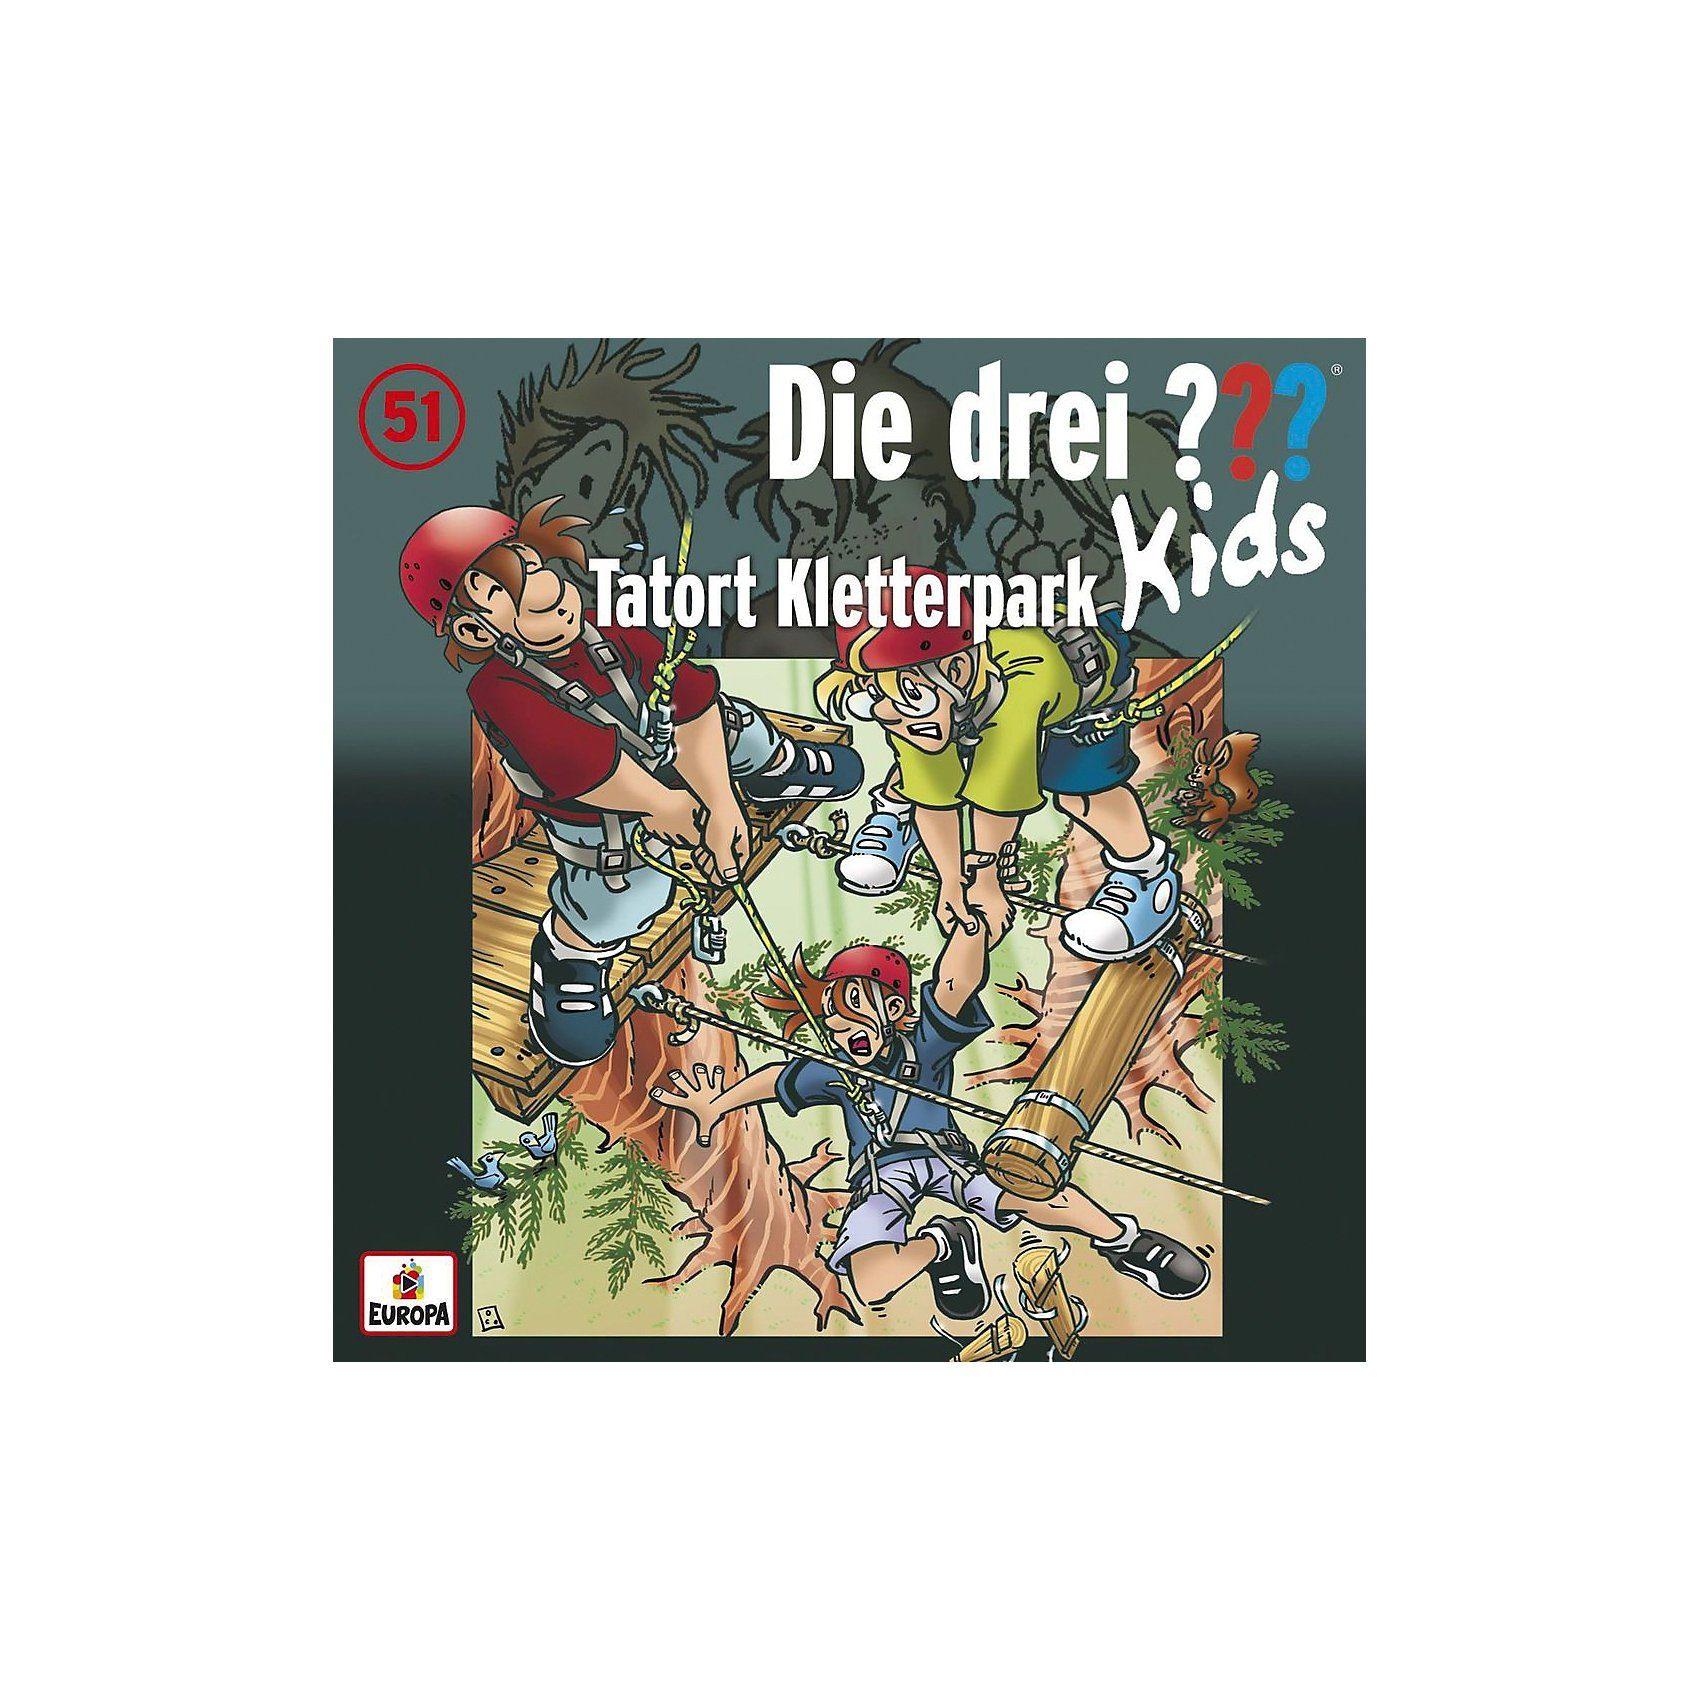 Sony CD Die drei ??? Kids 51